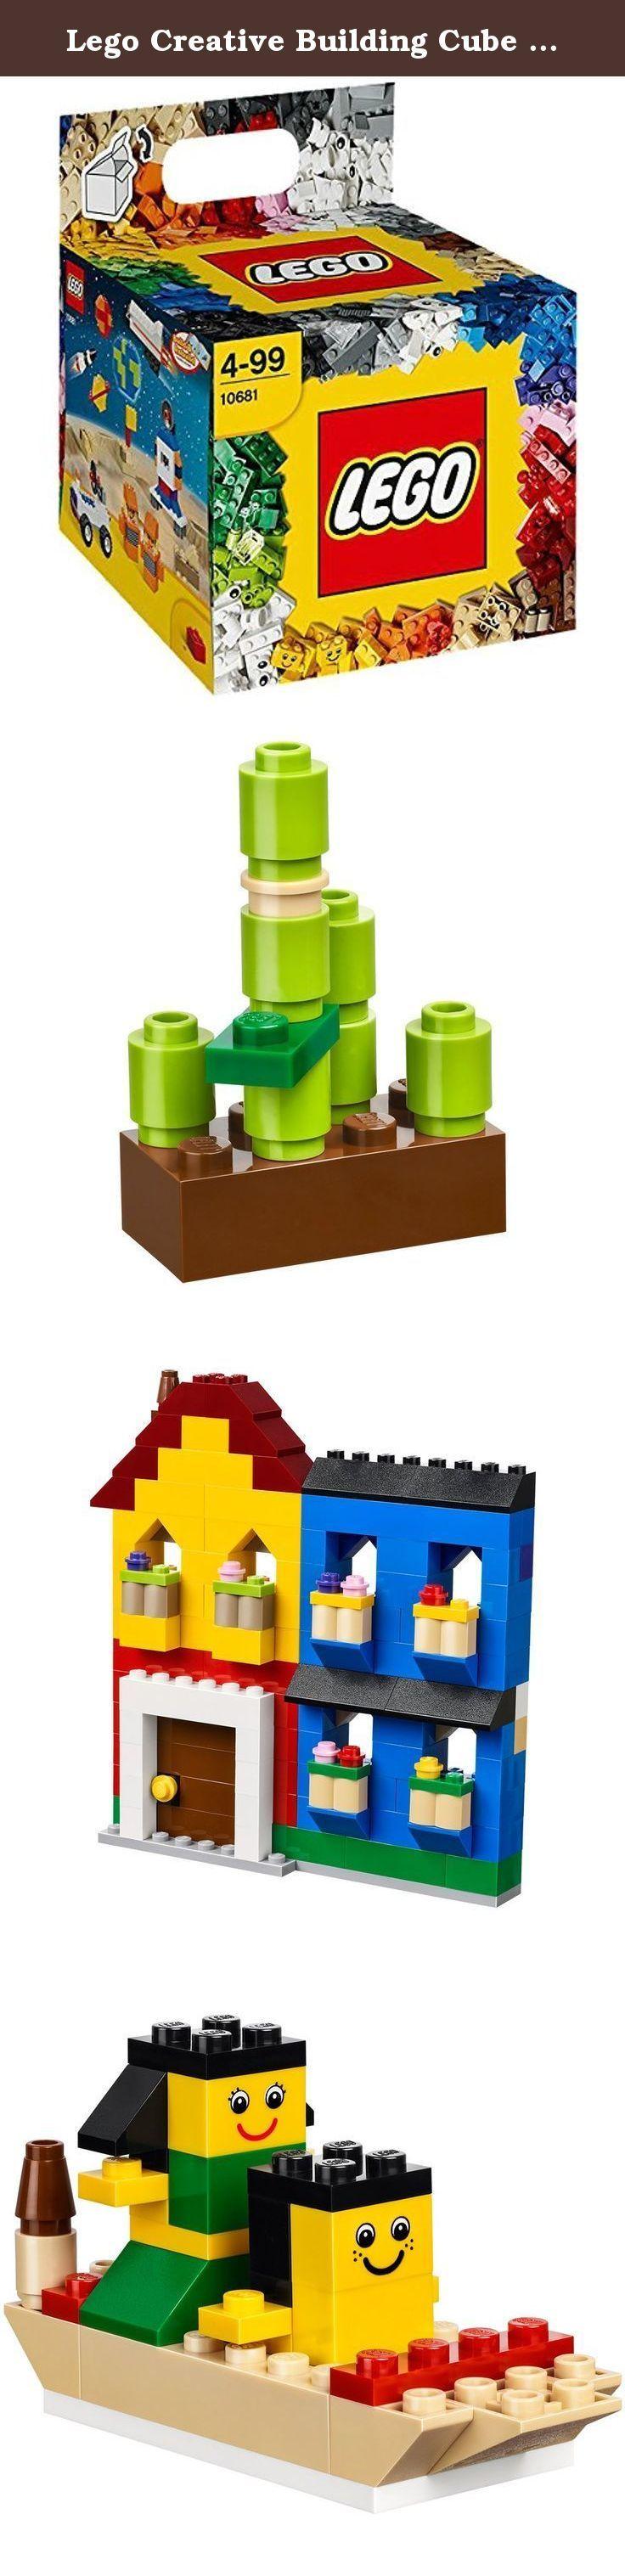 Lego Creative Building Cube 10681-1. Questo fantastico set contiene ben 600 mattoncini! Con forme fantasiose come antenne paraboliche, cerniere ed elementi curvi, il Cubo creativo LEGO ?? perfetto per il gioco creativo o per integrare qualsiasi altra collezione di mattoncini LEGO. Contiene mattoncini standard in una vasta gamma di colori e occhi, volti e tanti altri elementi stampati per raccontare tante storie. Auto, animali della giungla e razzi spaziali. . . l'unico limite a ci?? che…